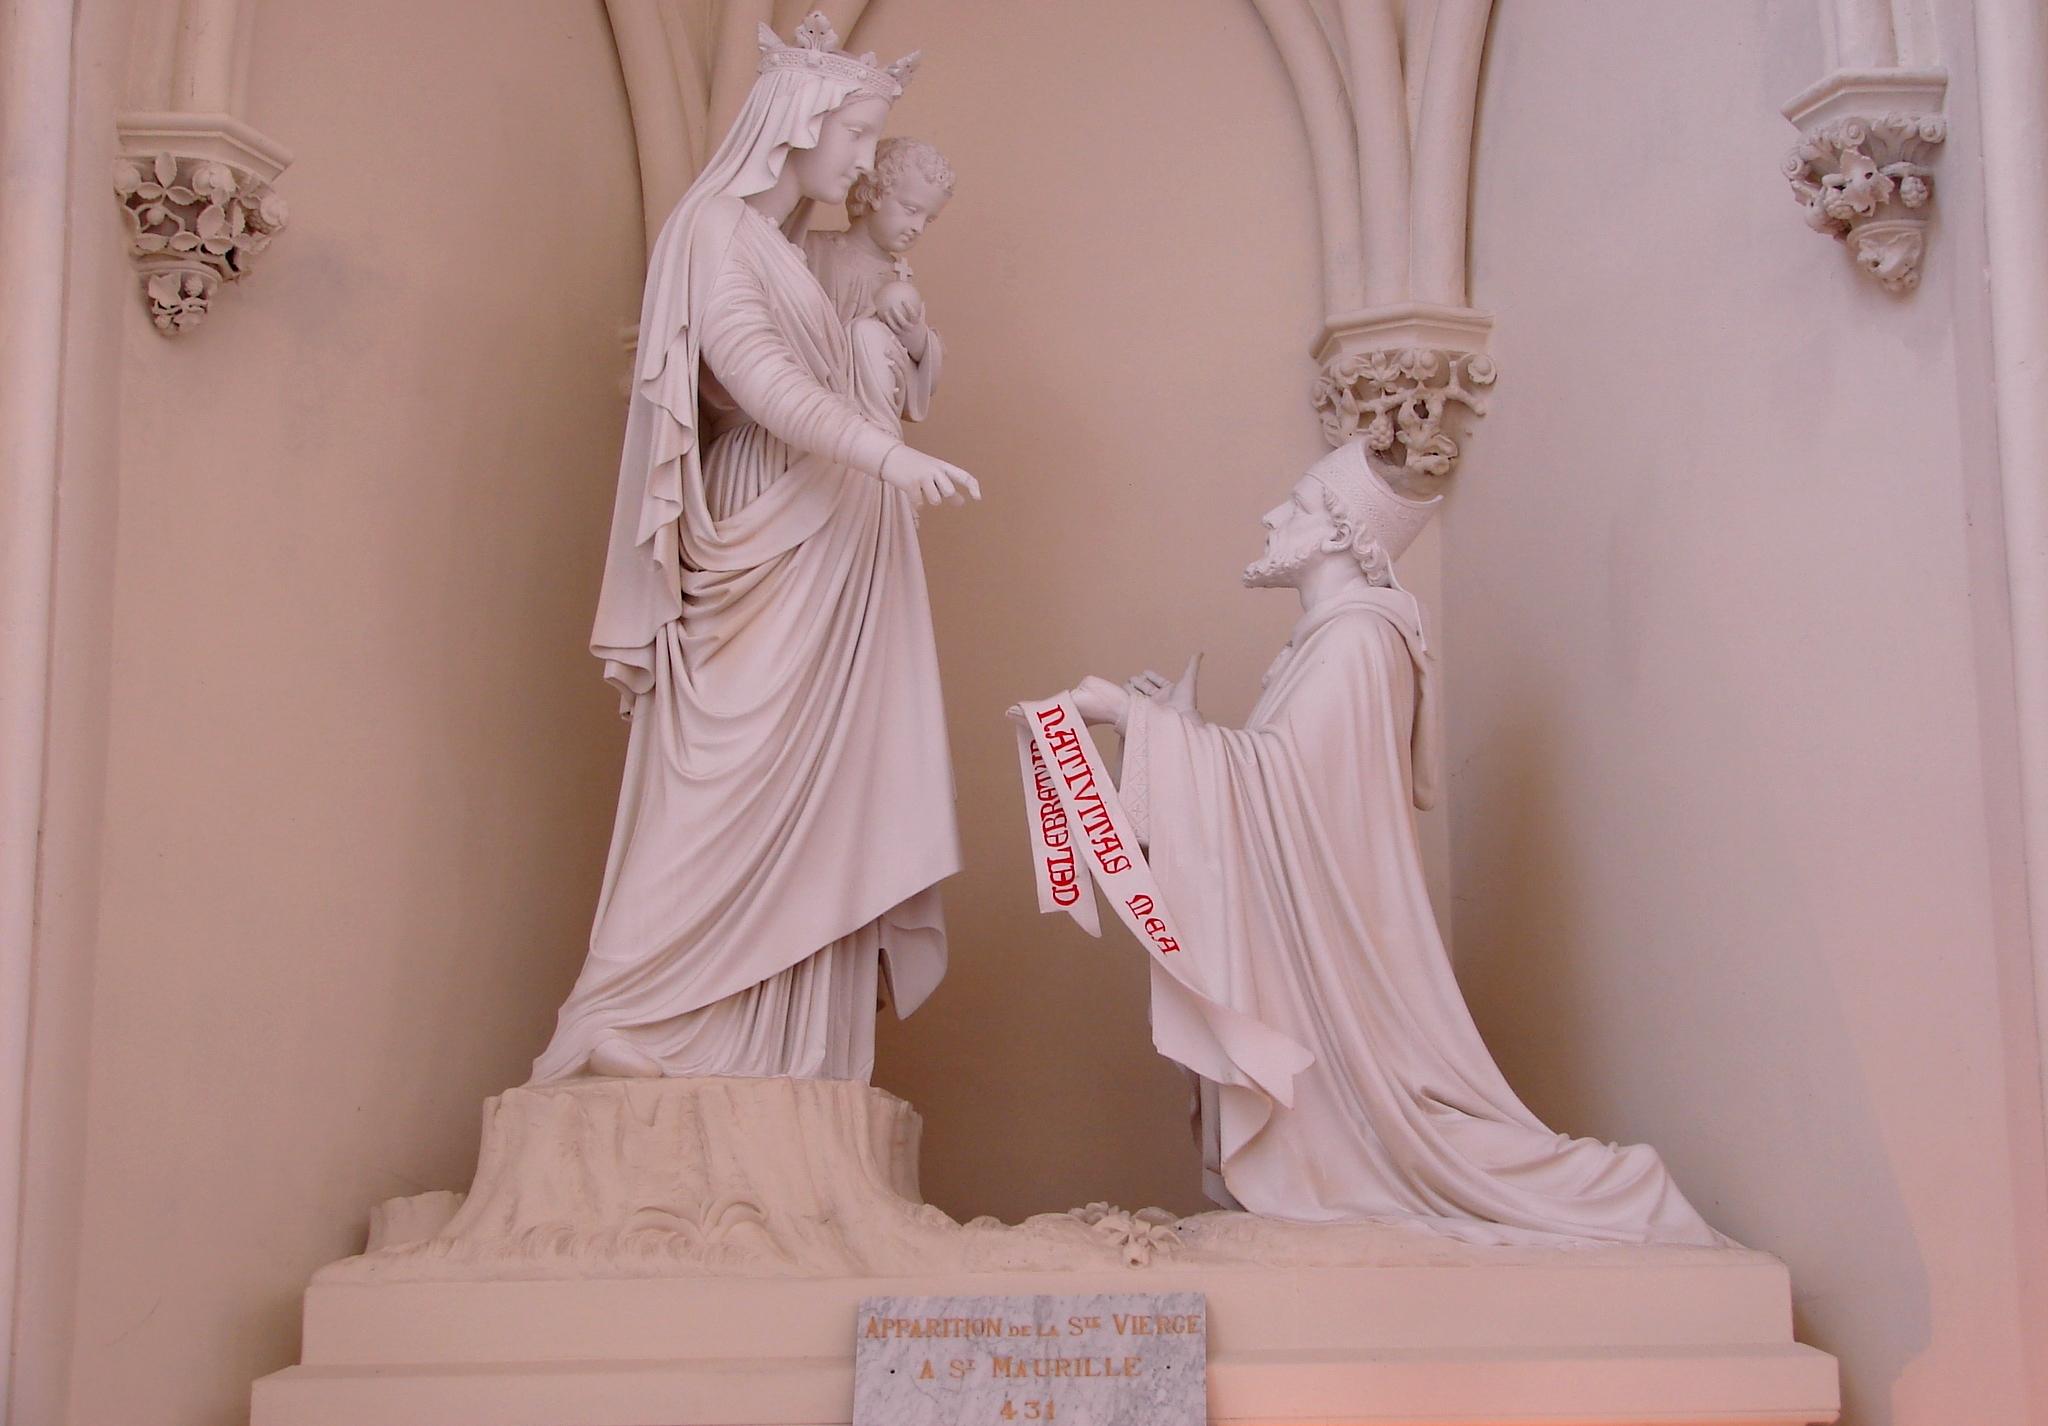 CALENDRIER CATHOLIQUE 2019 (Cantiques, Prières & Images) - Page 9 Apparition-de-la-...maurille-568fa59